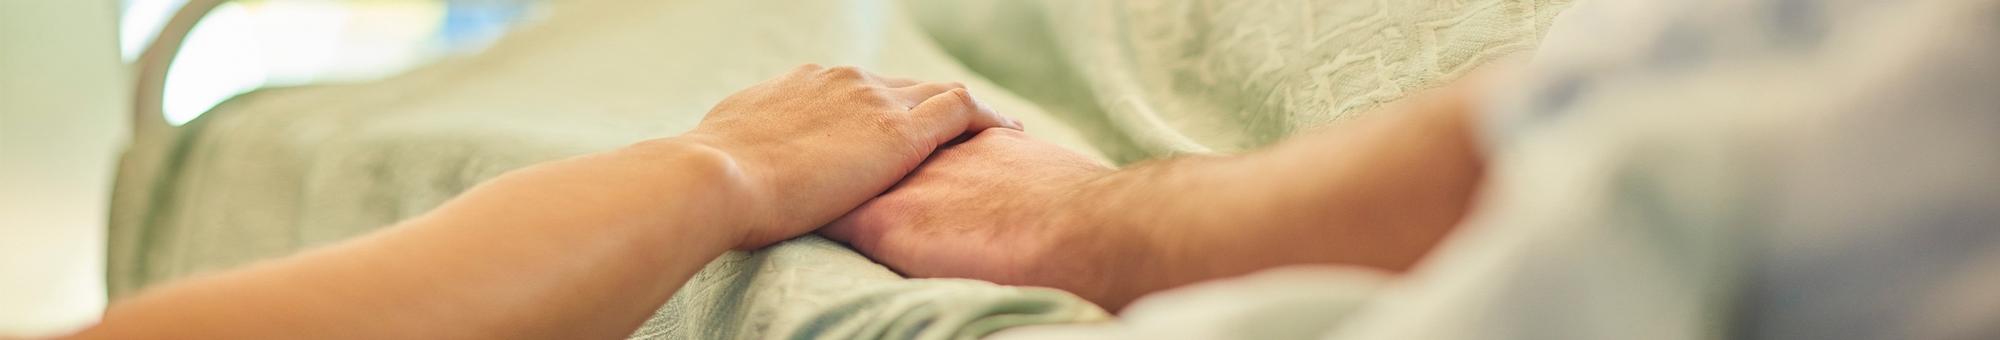 Respite Care - Services